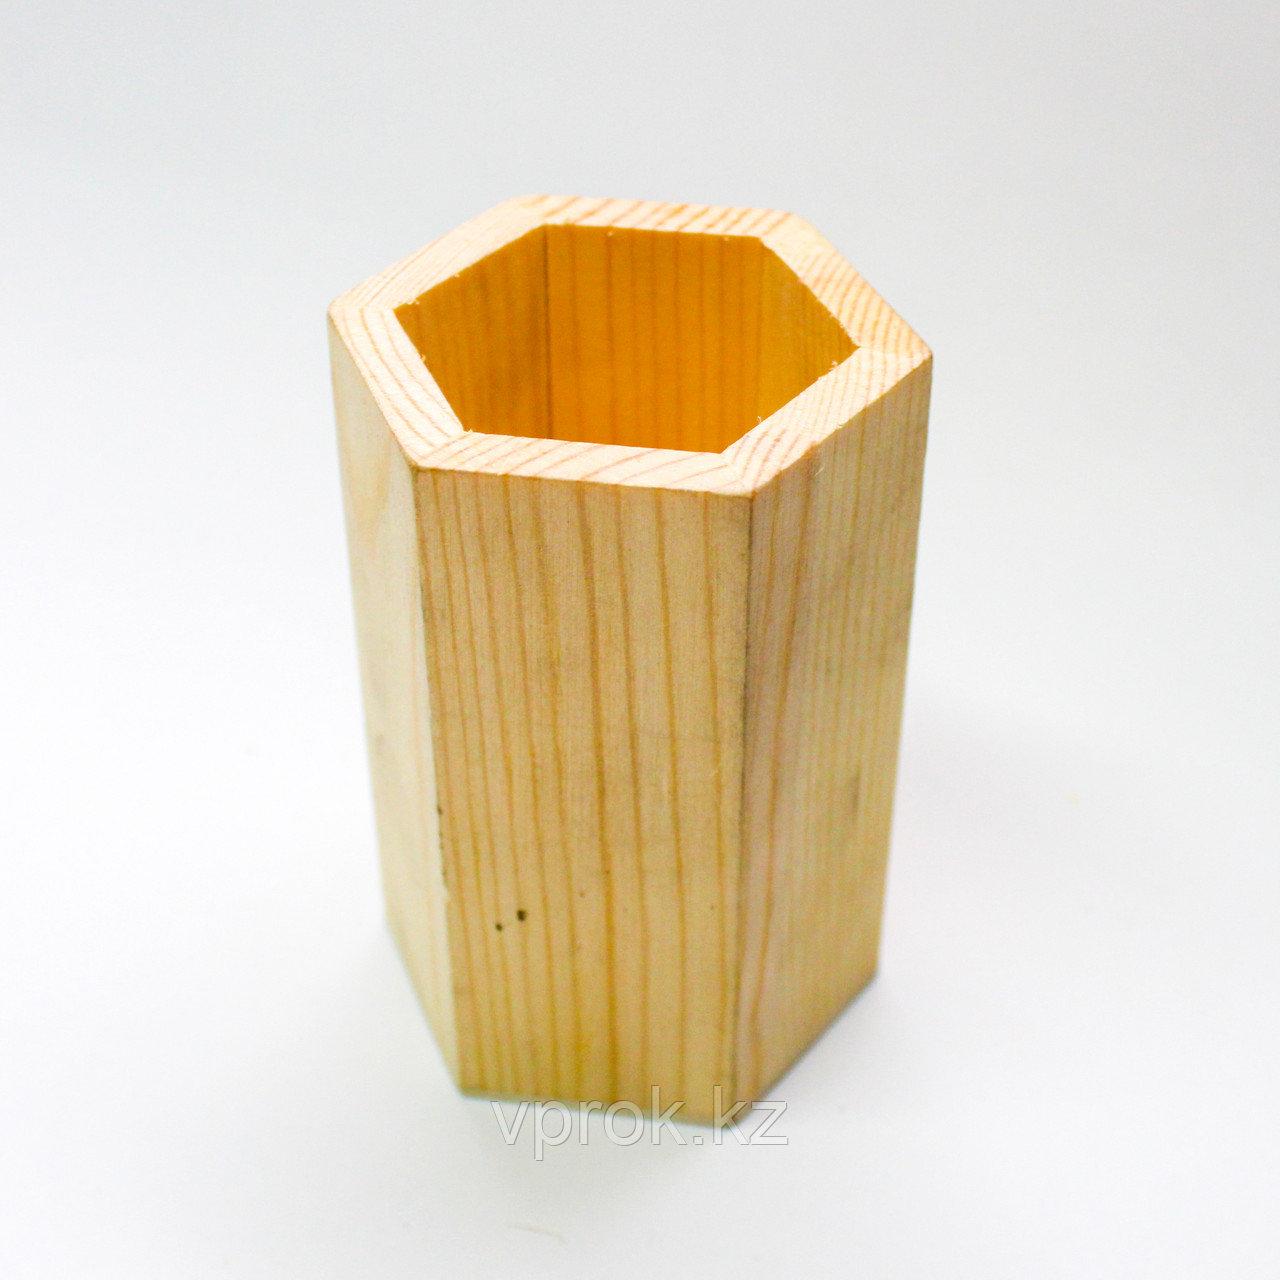 """Заготовка для декора """"Органайзер для карандашей"""", деревянная - фото 1"""